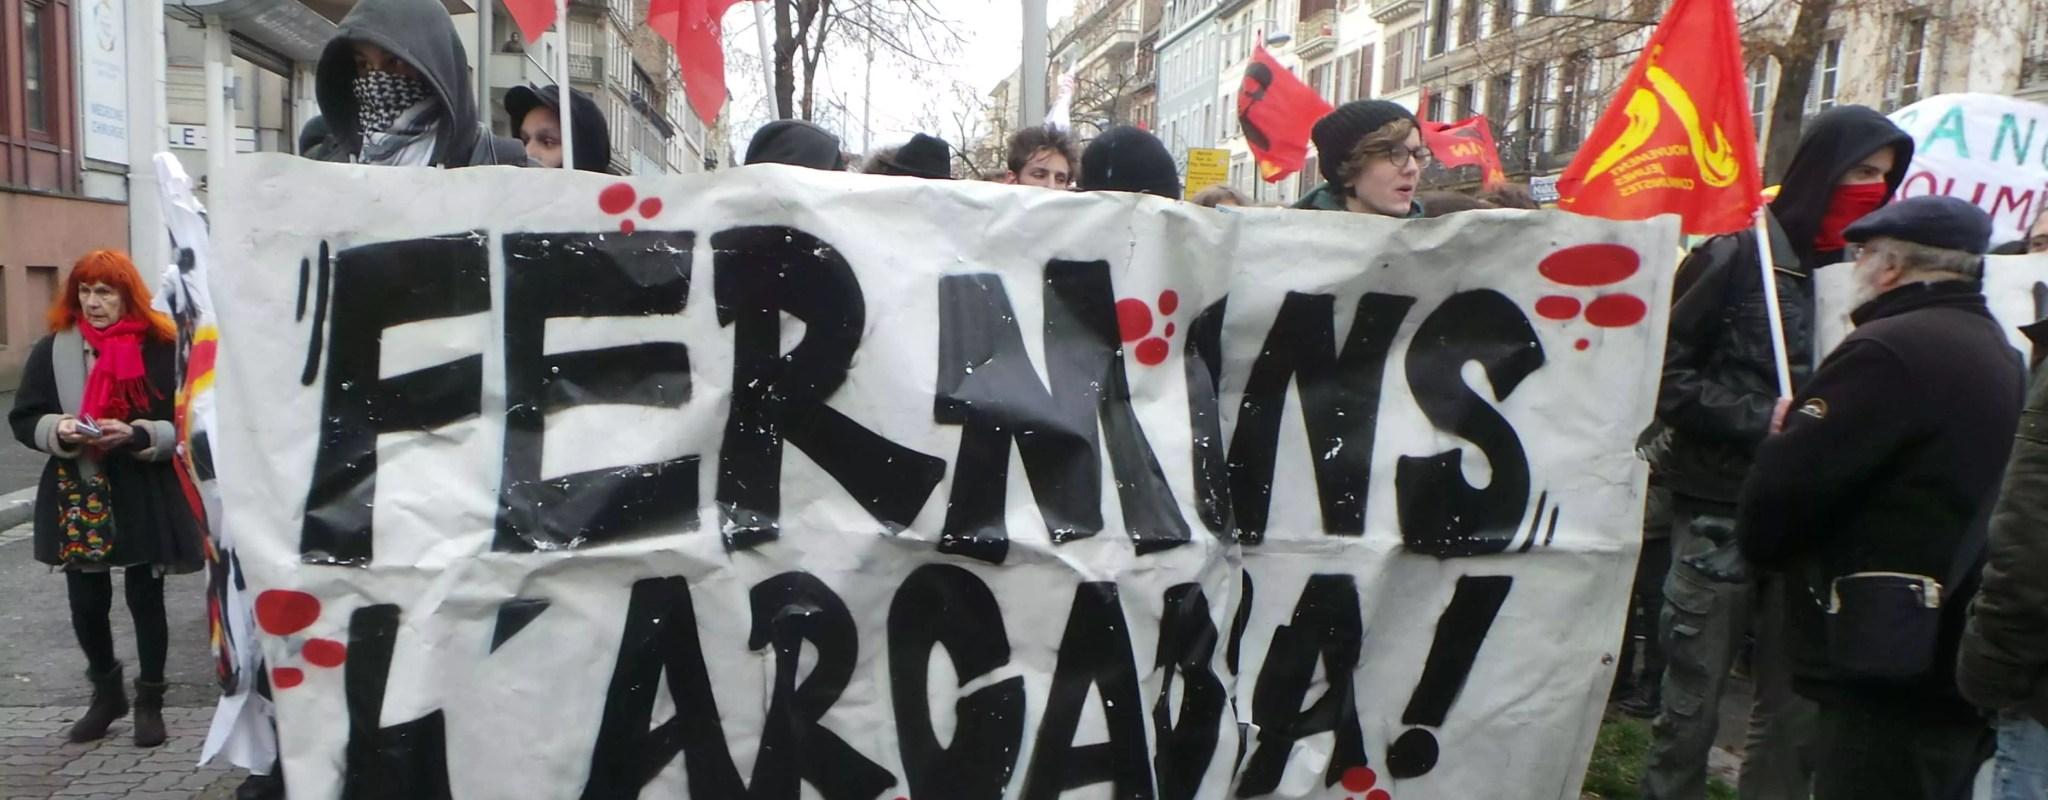 Contre le «Bastion social» à Strasbourg, 350 manifestants ont dénoncé une nouvelle idéologie fasciste